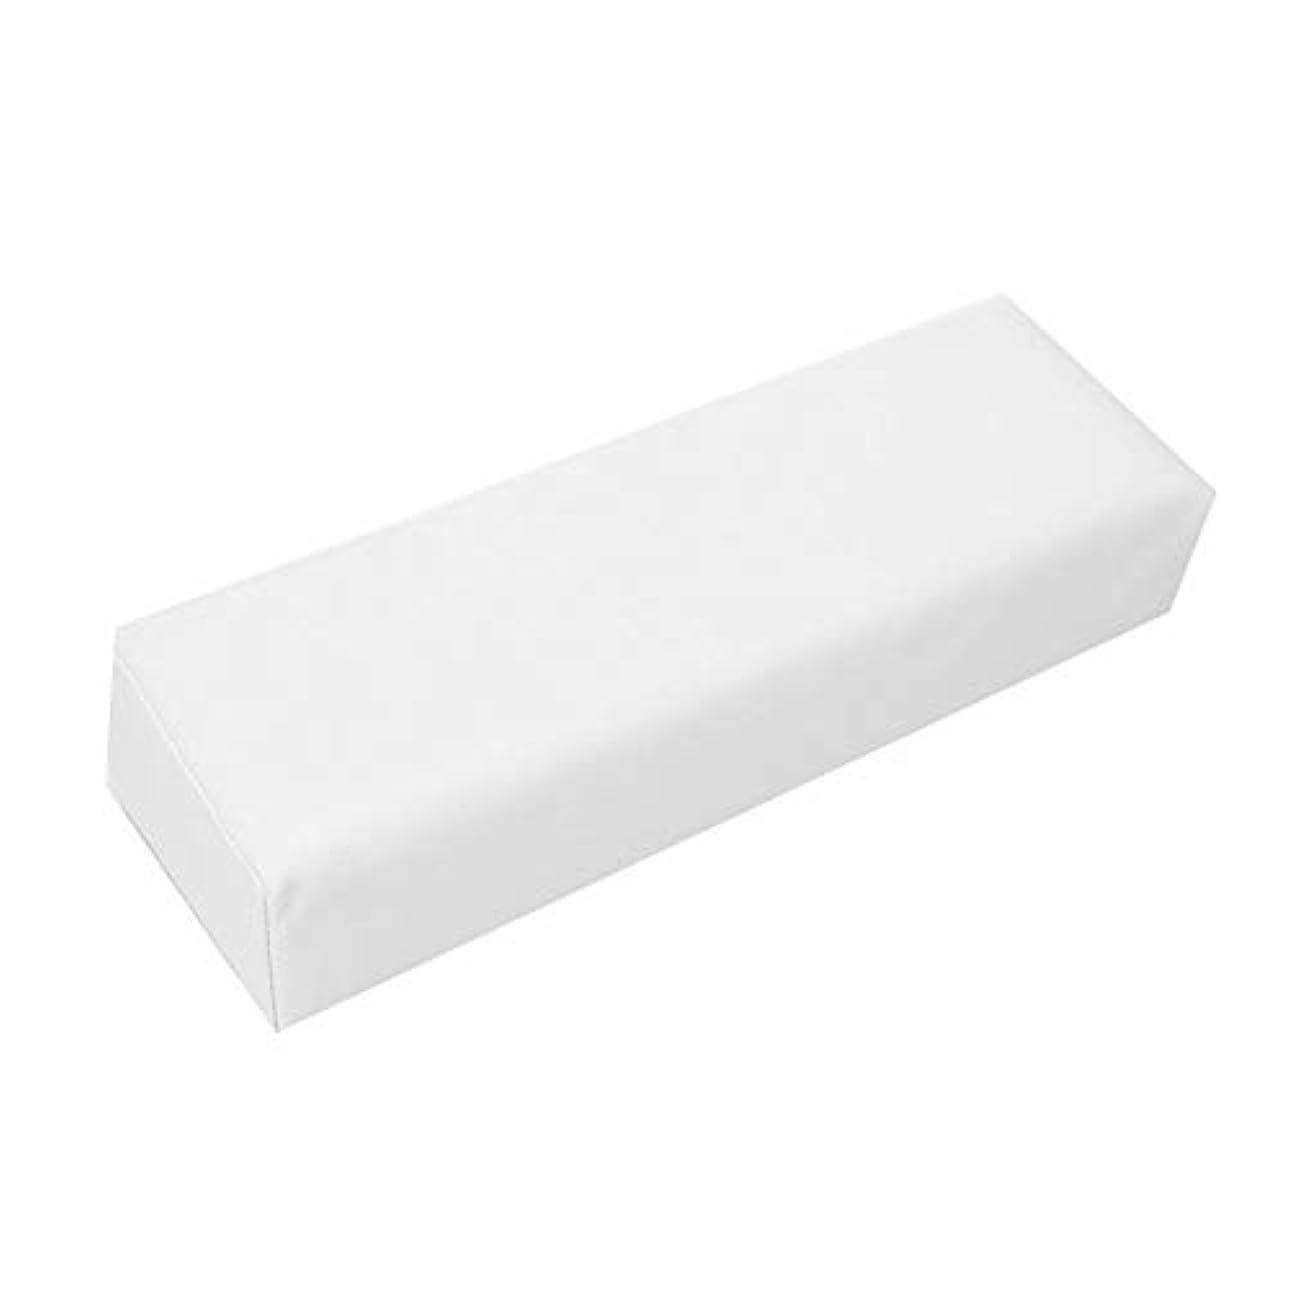 グレーましい起きるochunアームレスト ネイル用 ハンドクッション 手をサポート 高弾性な充填物 清潔容易 美容院?美容室?ネイルサロン?理容室に適用 29*9.5*6.5 cm(ホワイト)